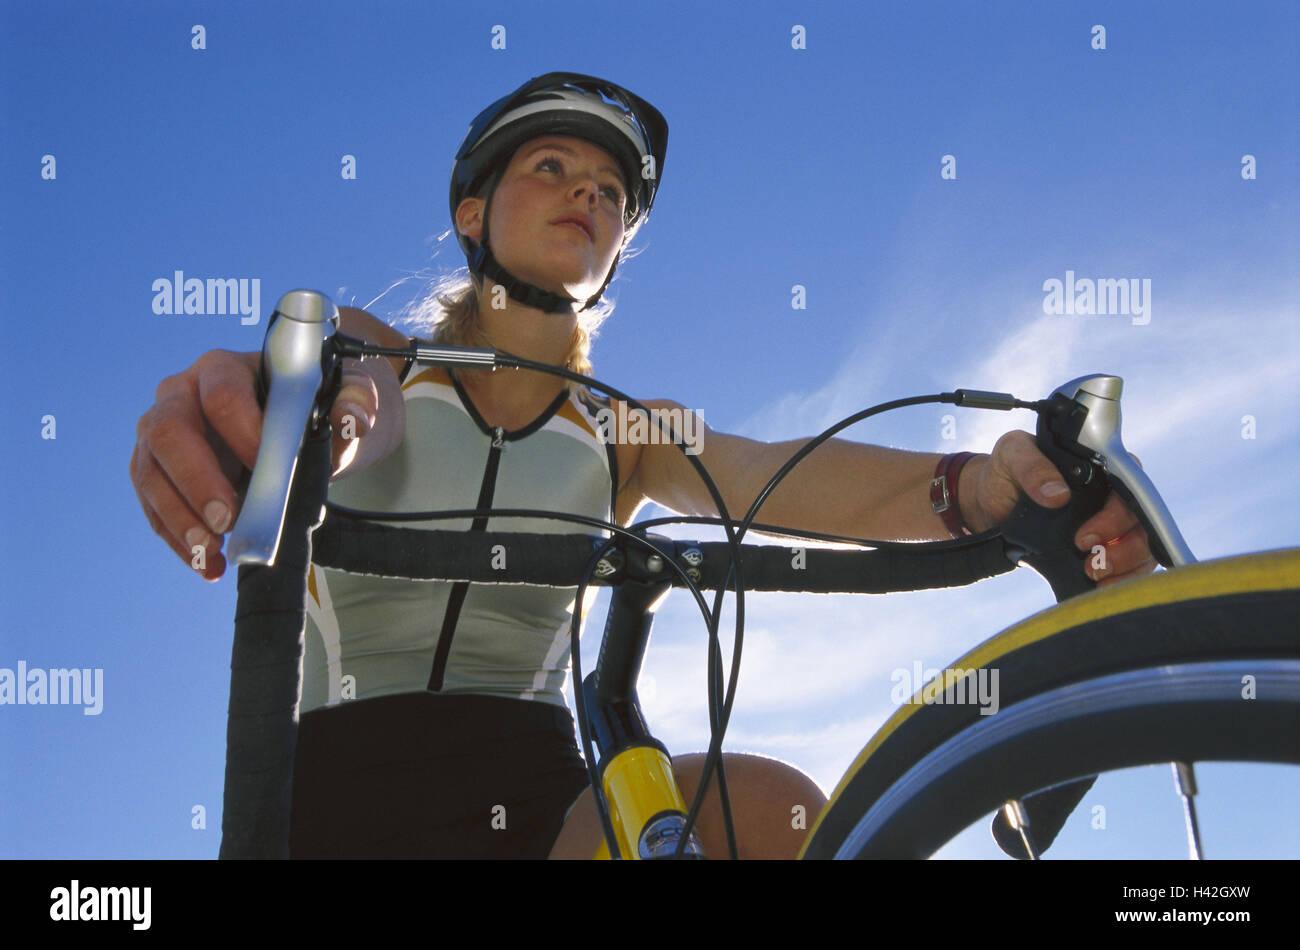 Radrennfahrer, Detail, Gegenlicht, von unten Frau, Sportlerin, 20-30 Jahre, Radian, Radfahrer, Freizeit, Hobby, Stockfoto